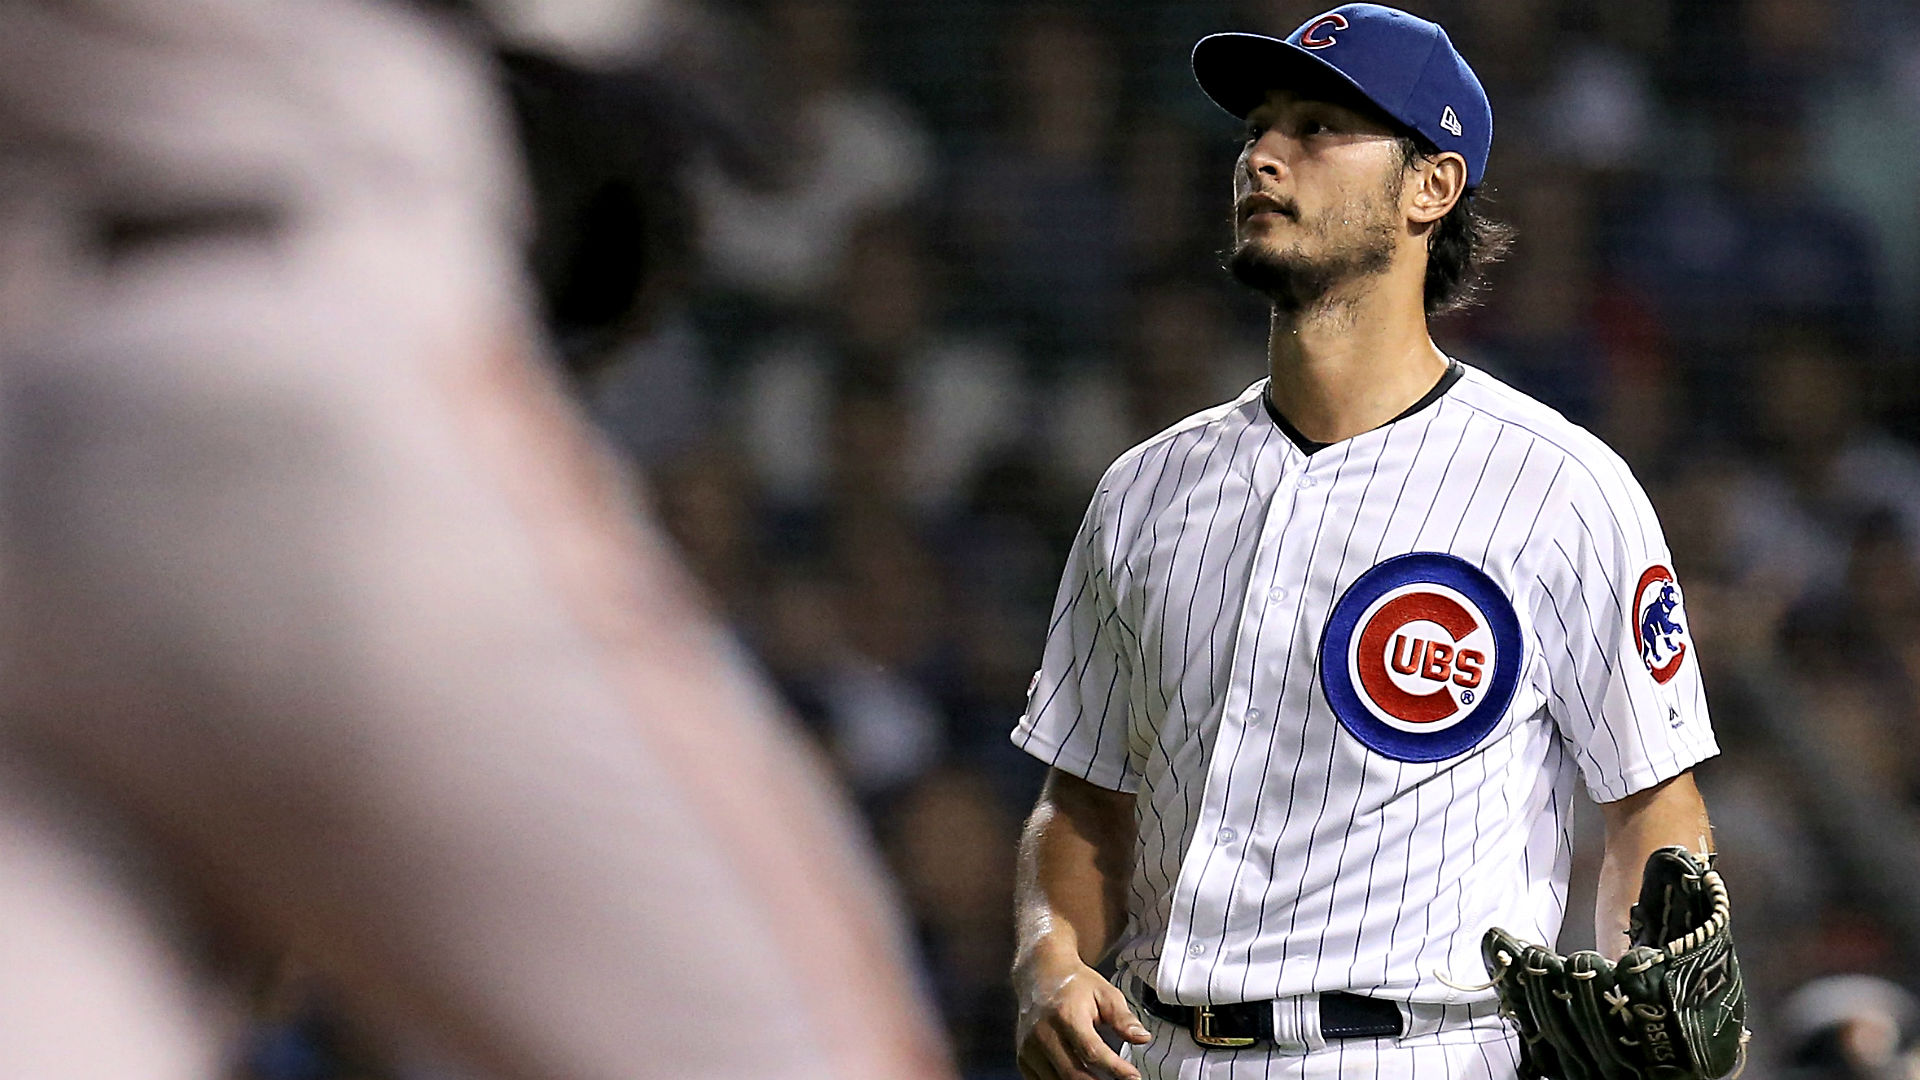 Yu Darvish le da a los Astros la posibilidad de robar letreros, y luego Christian Yelich lo asa en video 2